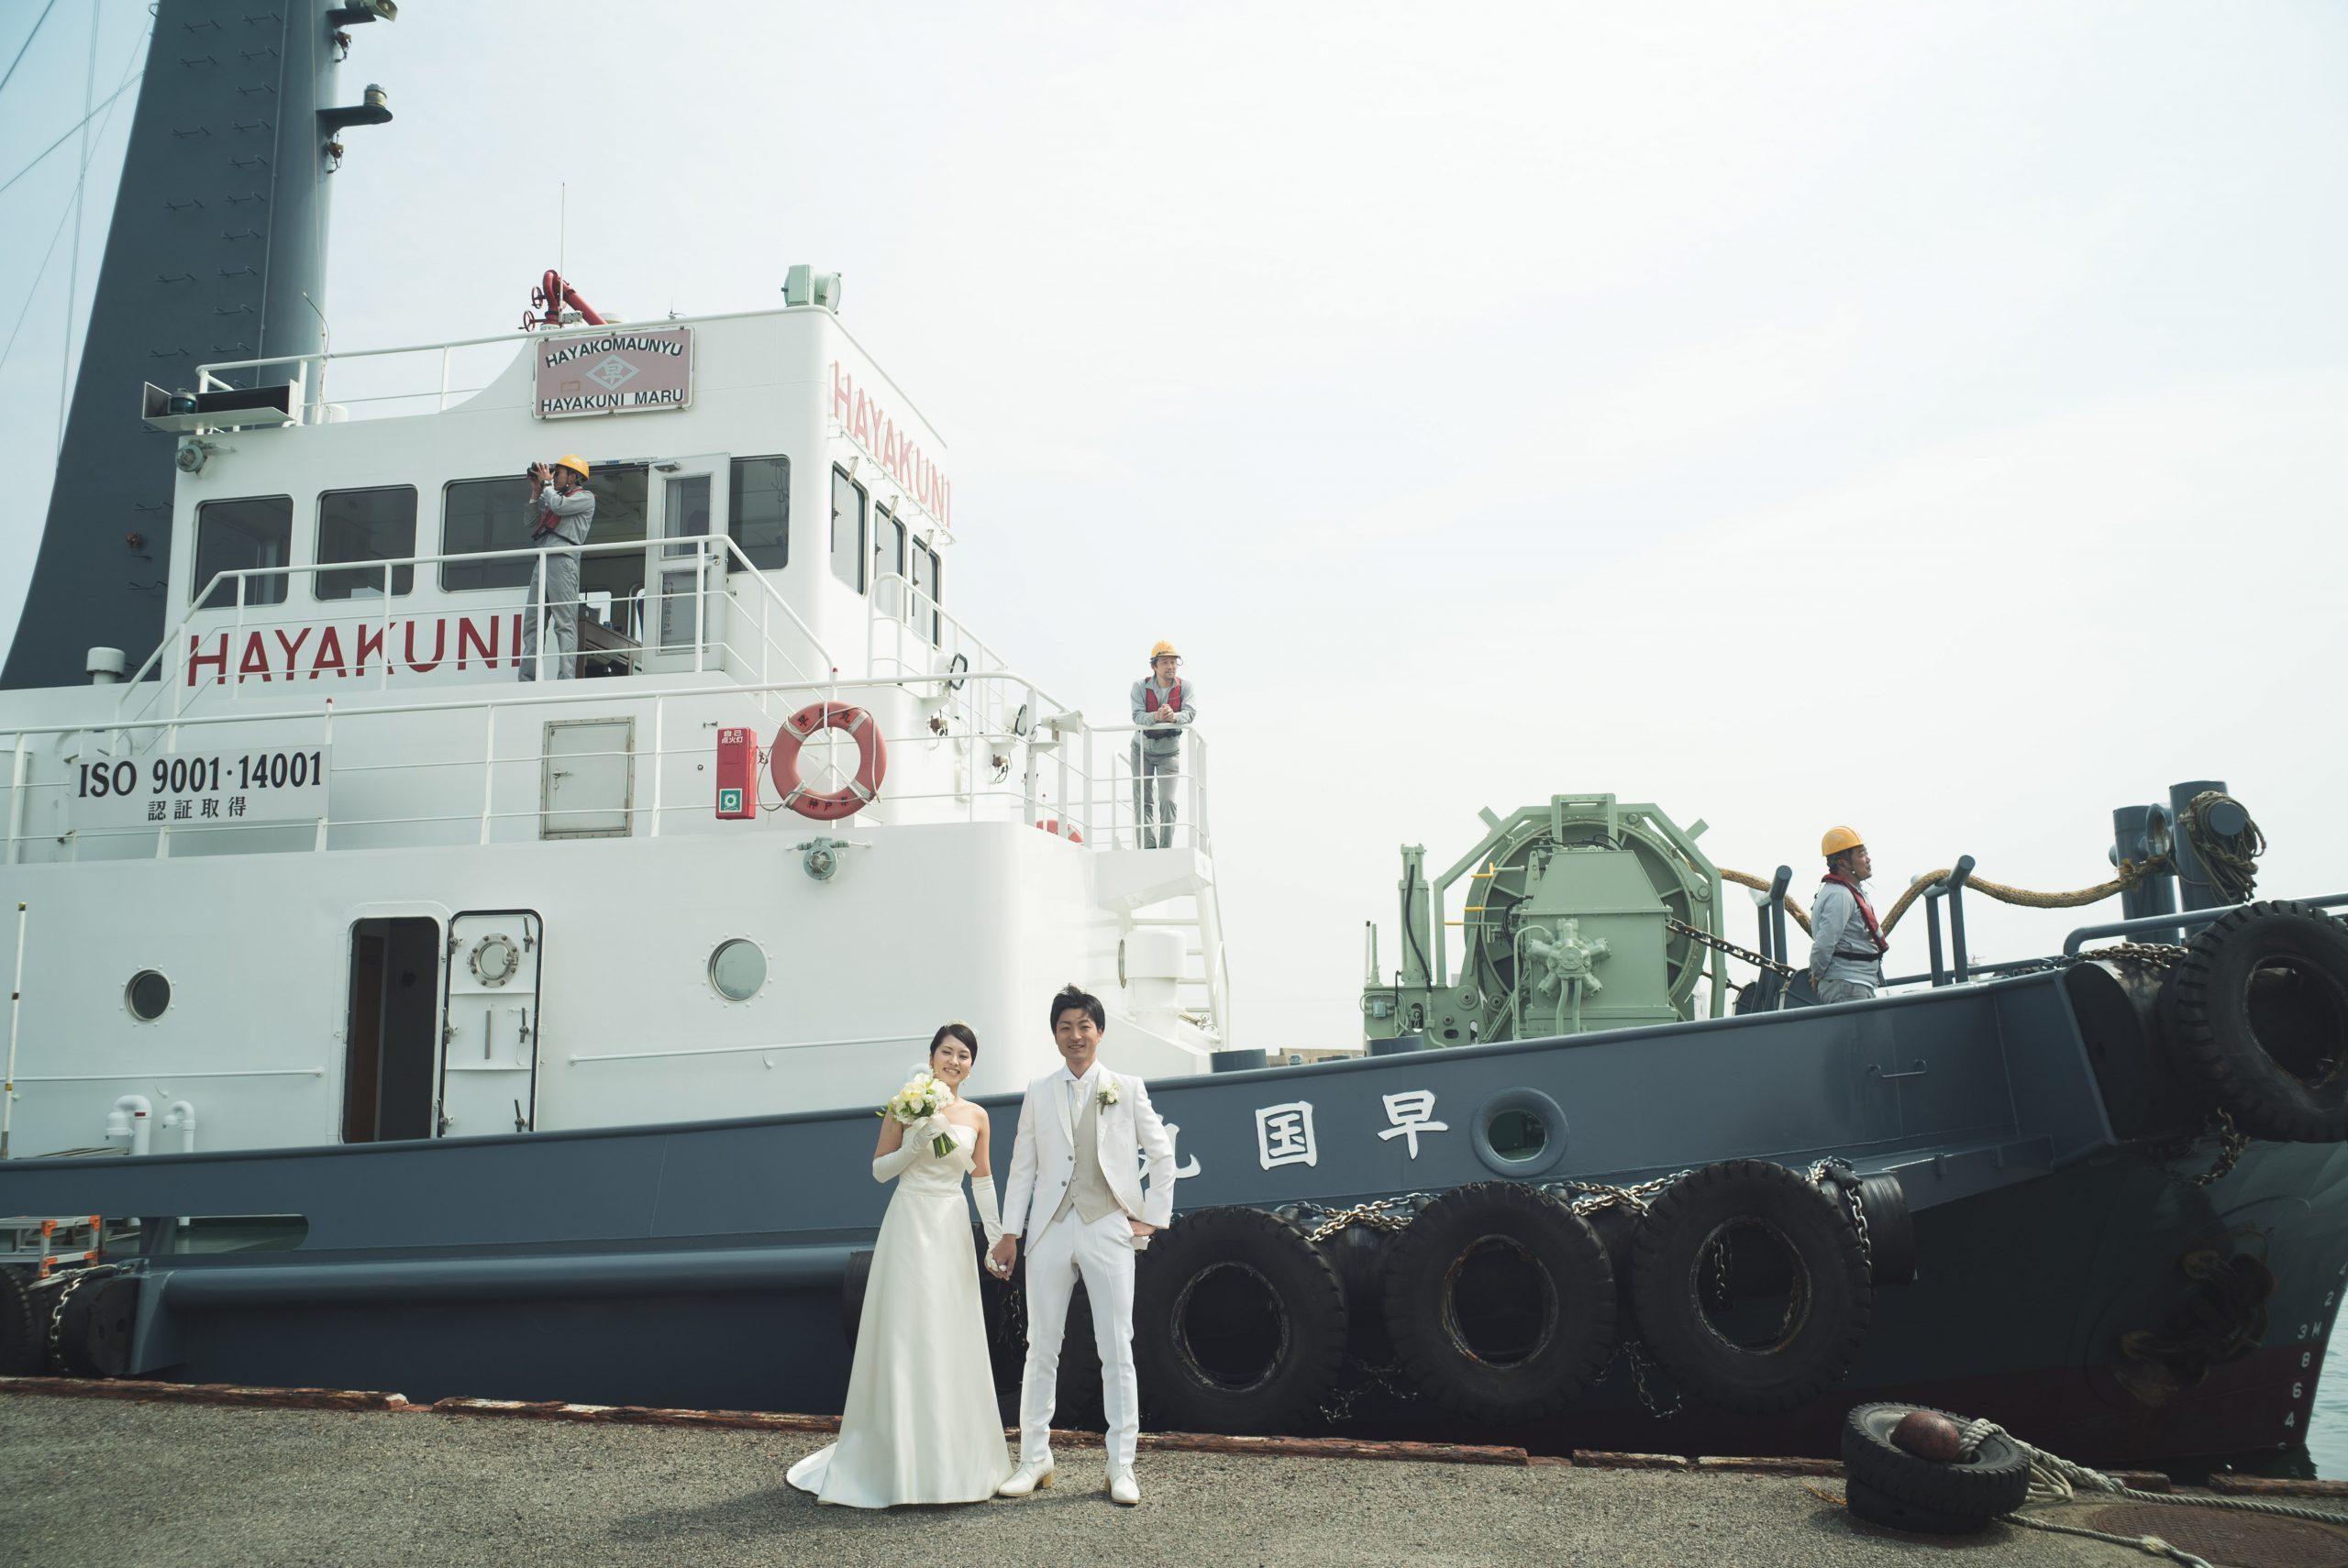 今治港で結婚式を挙げた新郎新婦